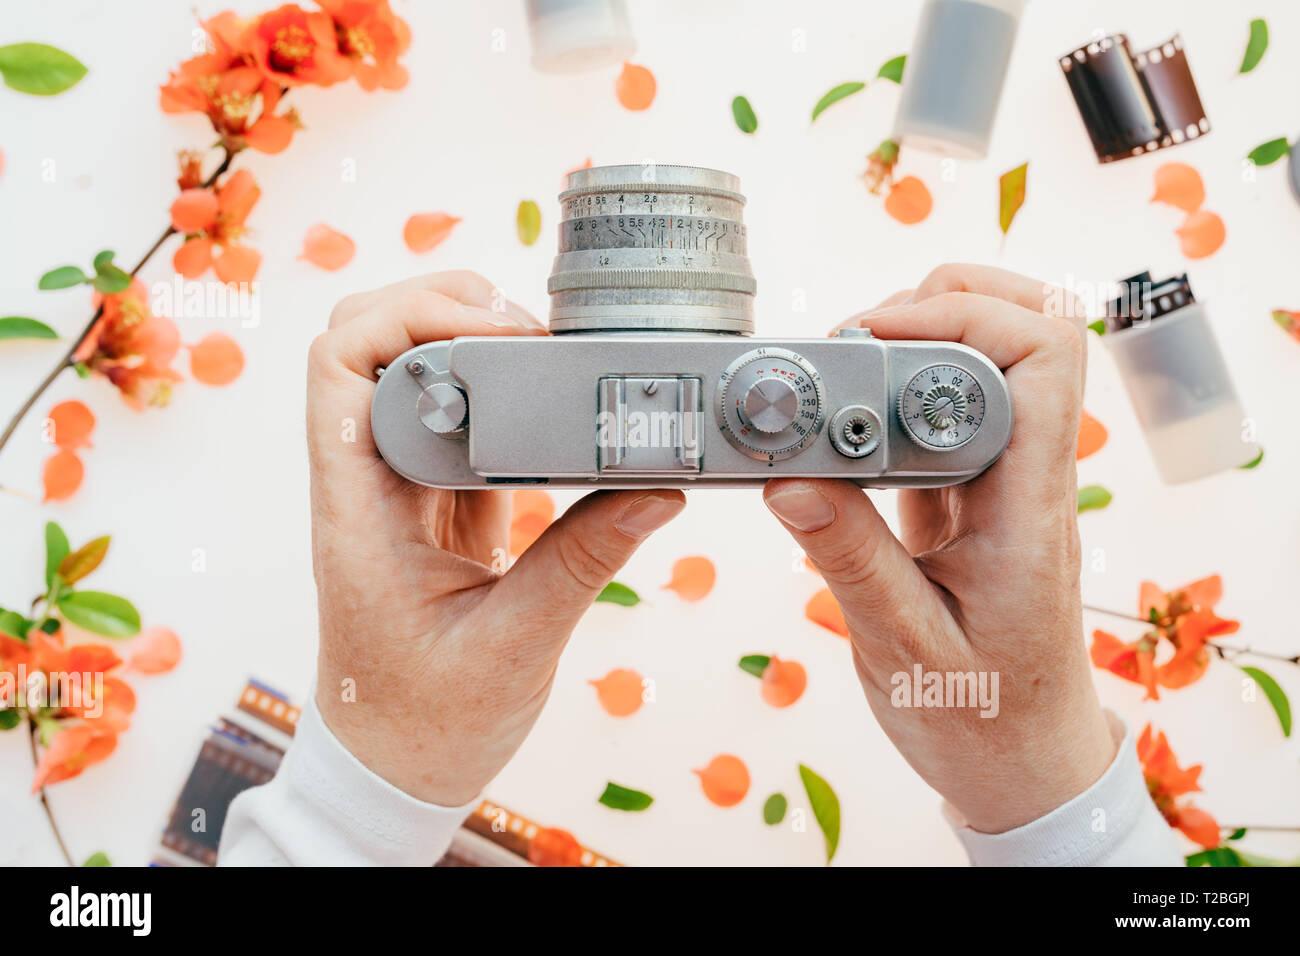 Woman holding vintage camera sur la décoration florale de printemps, la saison du printemps est idéal pour commencer un nouveau passe-temps comme la photographie Photo Stock